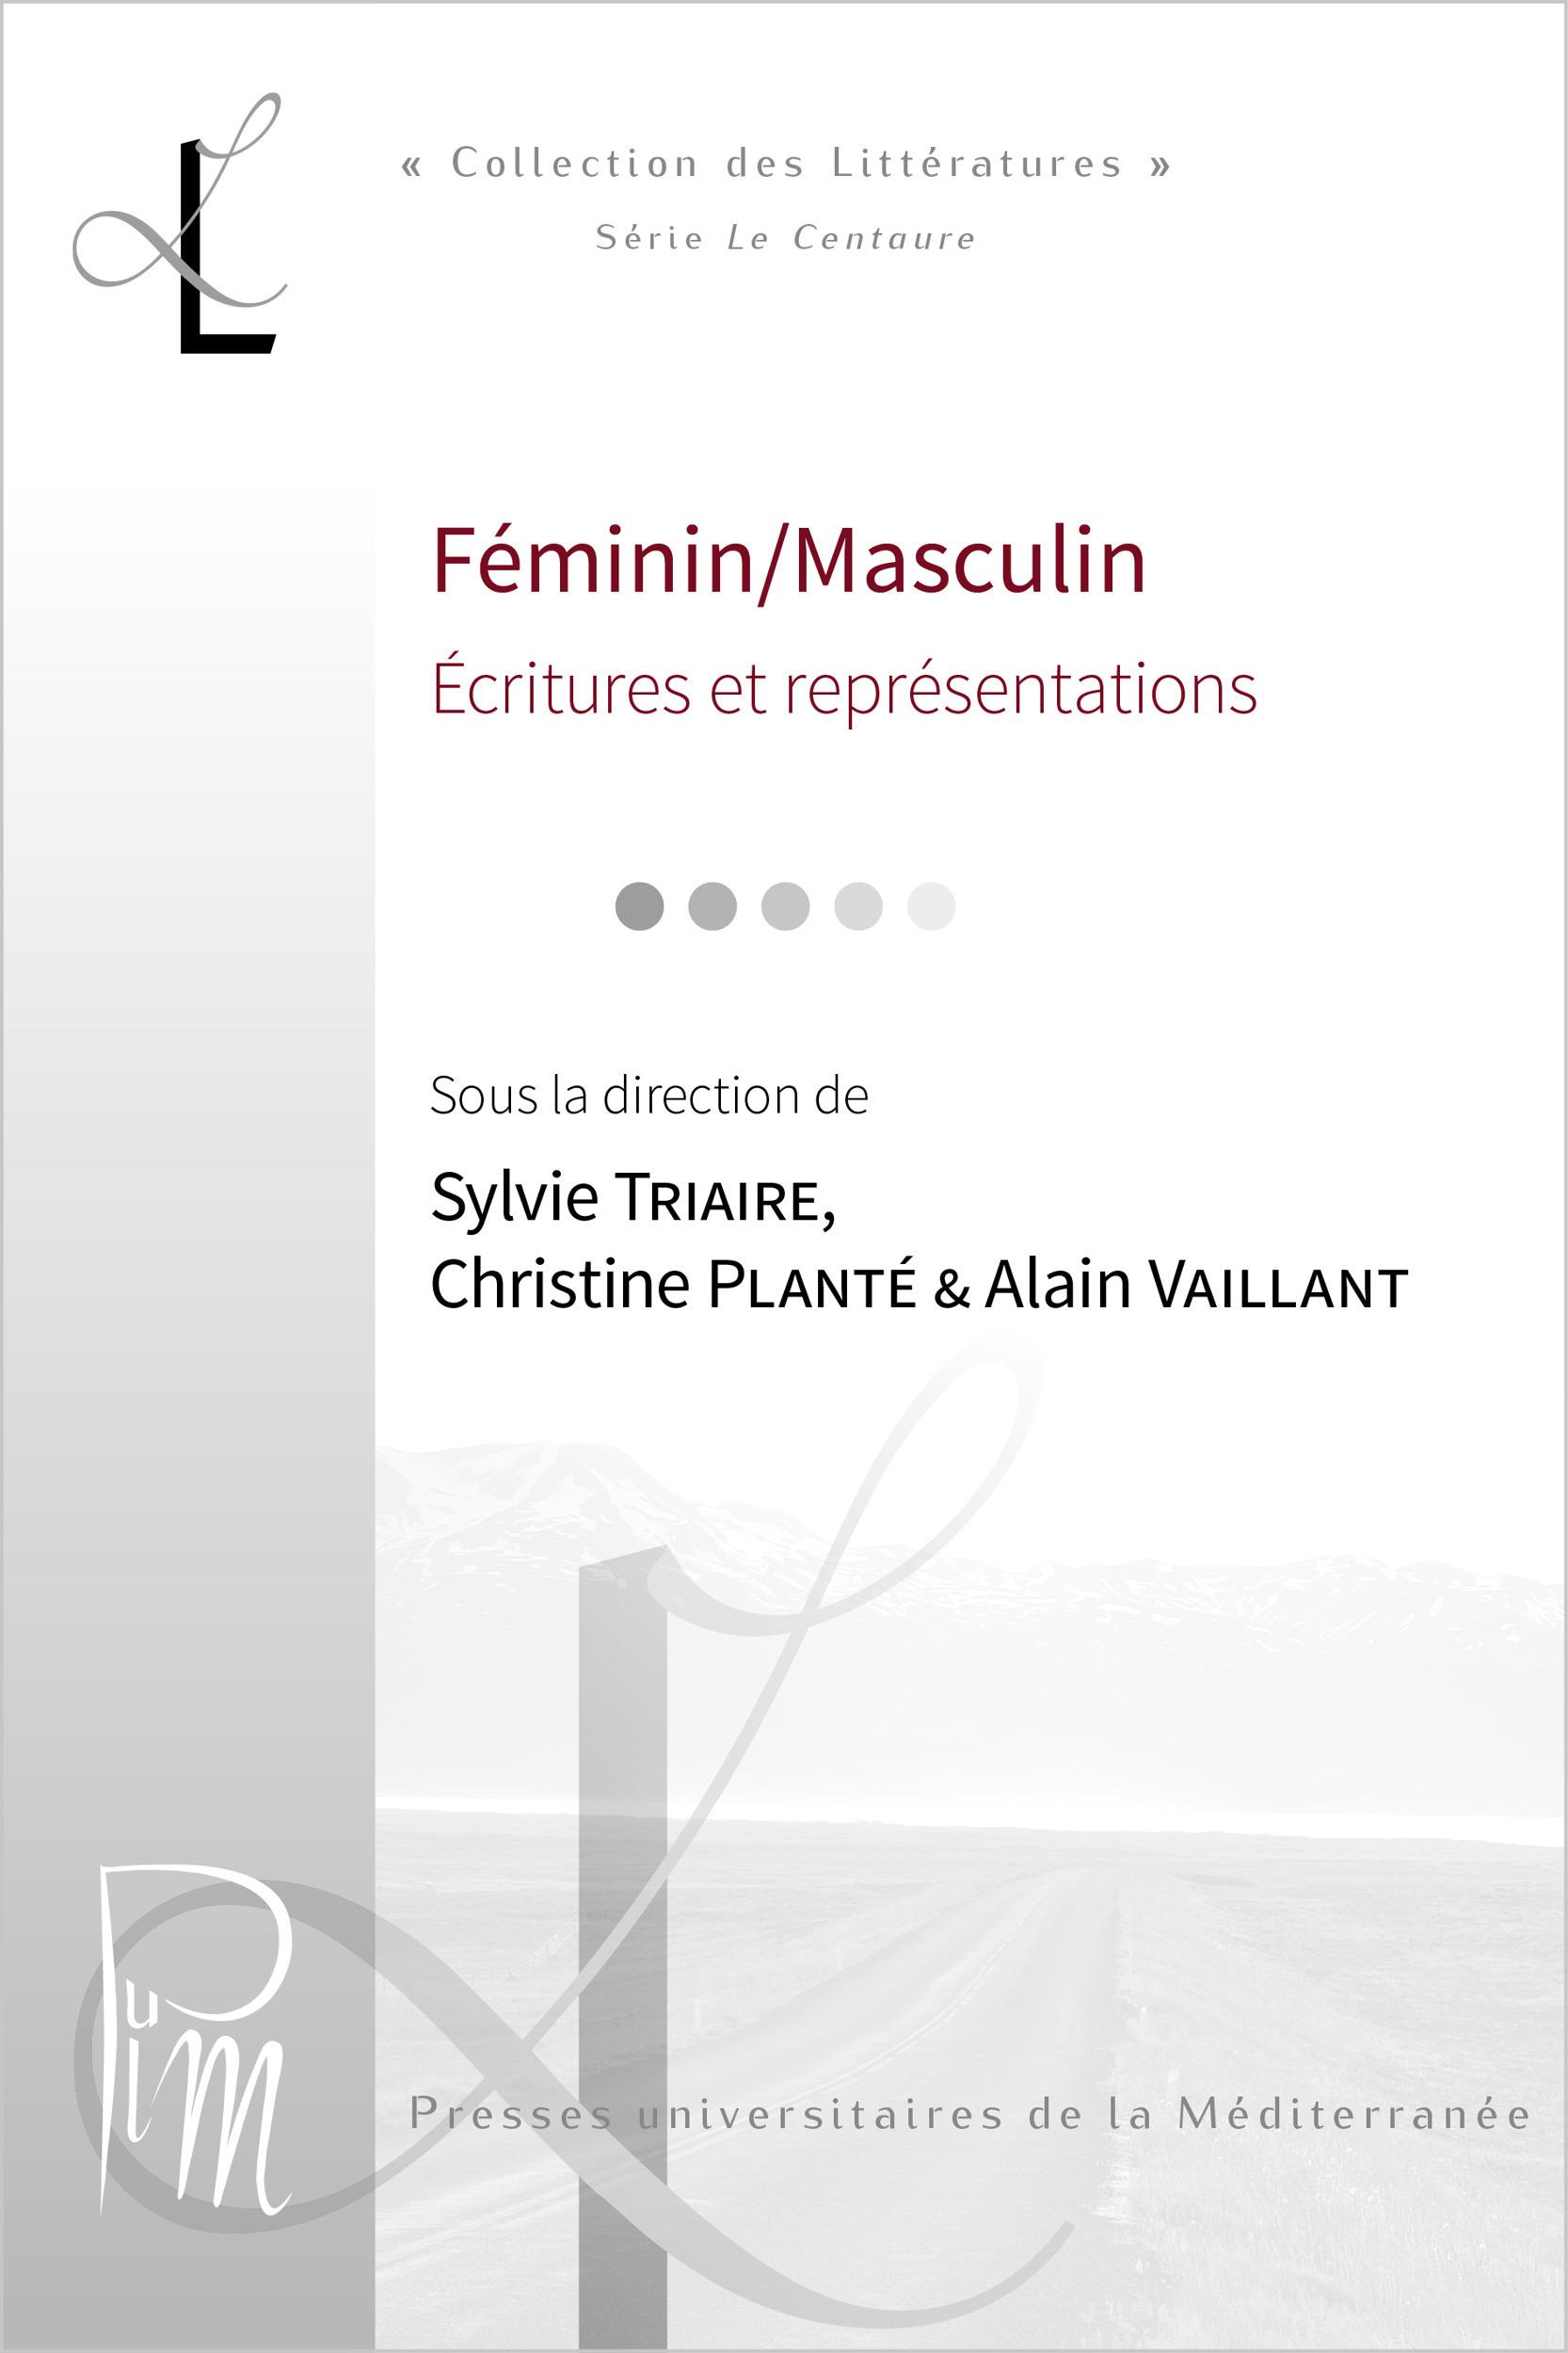 Féminin/Masculin: écritures et représentations. Corpus collectifs